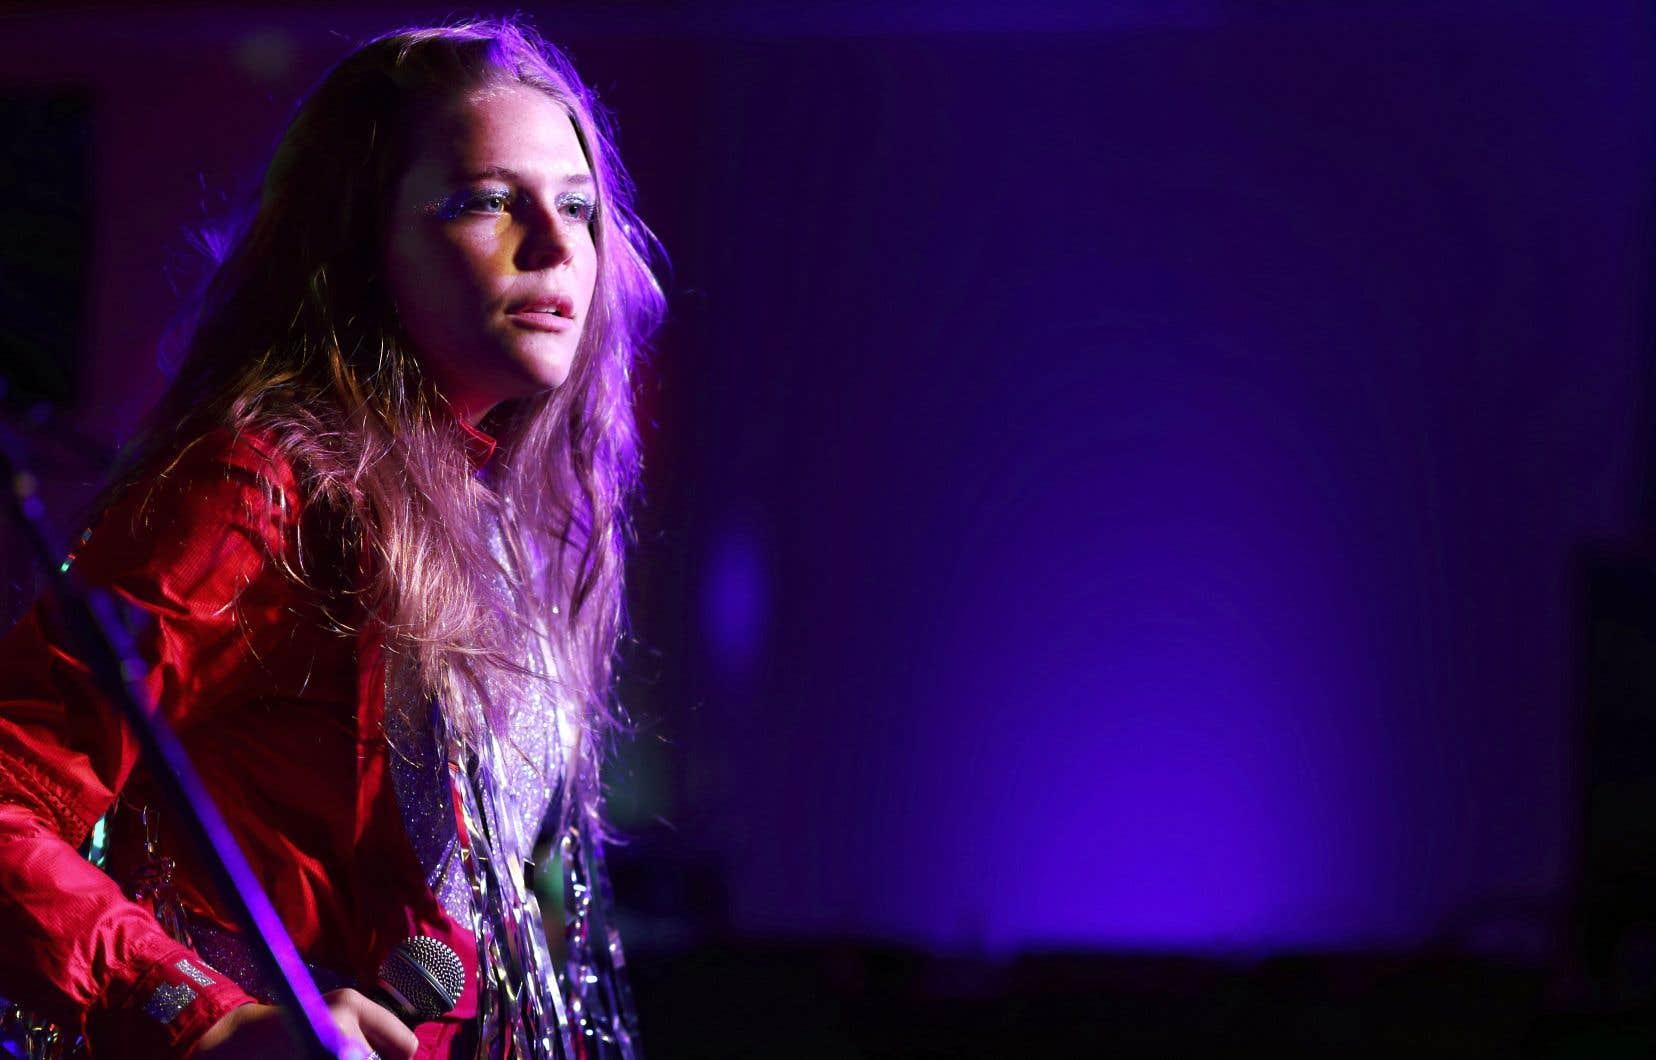 L'artiste de 24ans Maggie Rogers s'apprête à prendre la planète pop d'assaut de la plus douce manière, avec des chansons mûries, confortables et rêvasseuses.